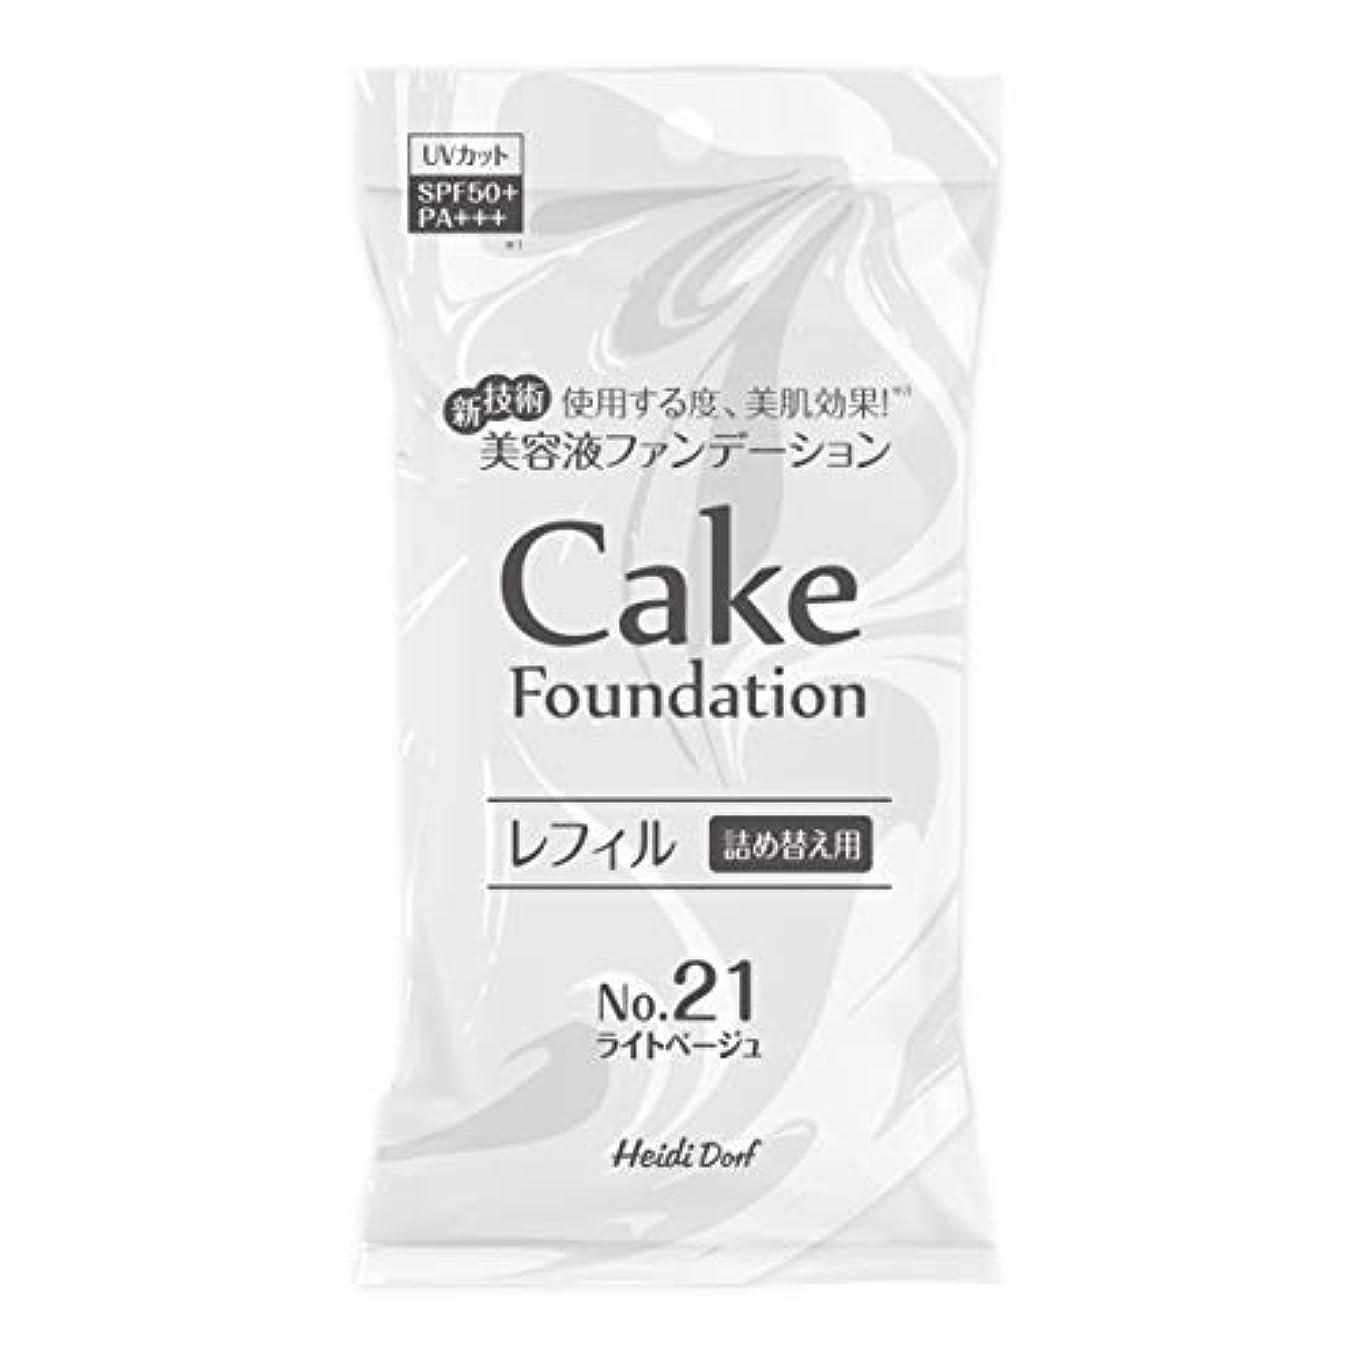 ギャザー賛辞生理マーブルケーキファンデ ナチュラルベージュ 23号 れふぃる 13G